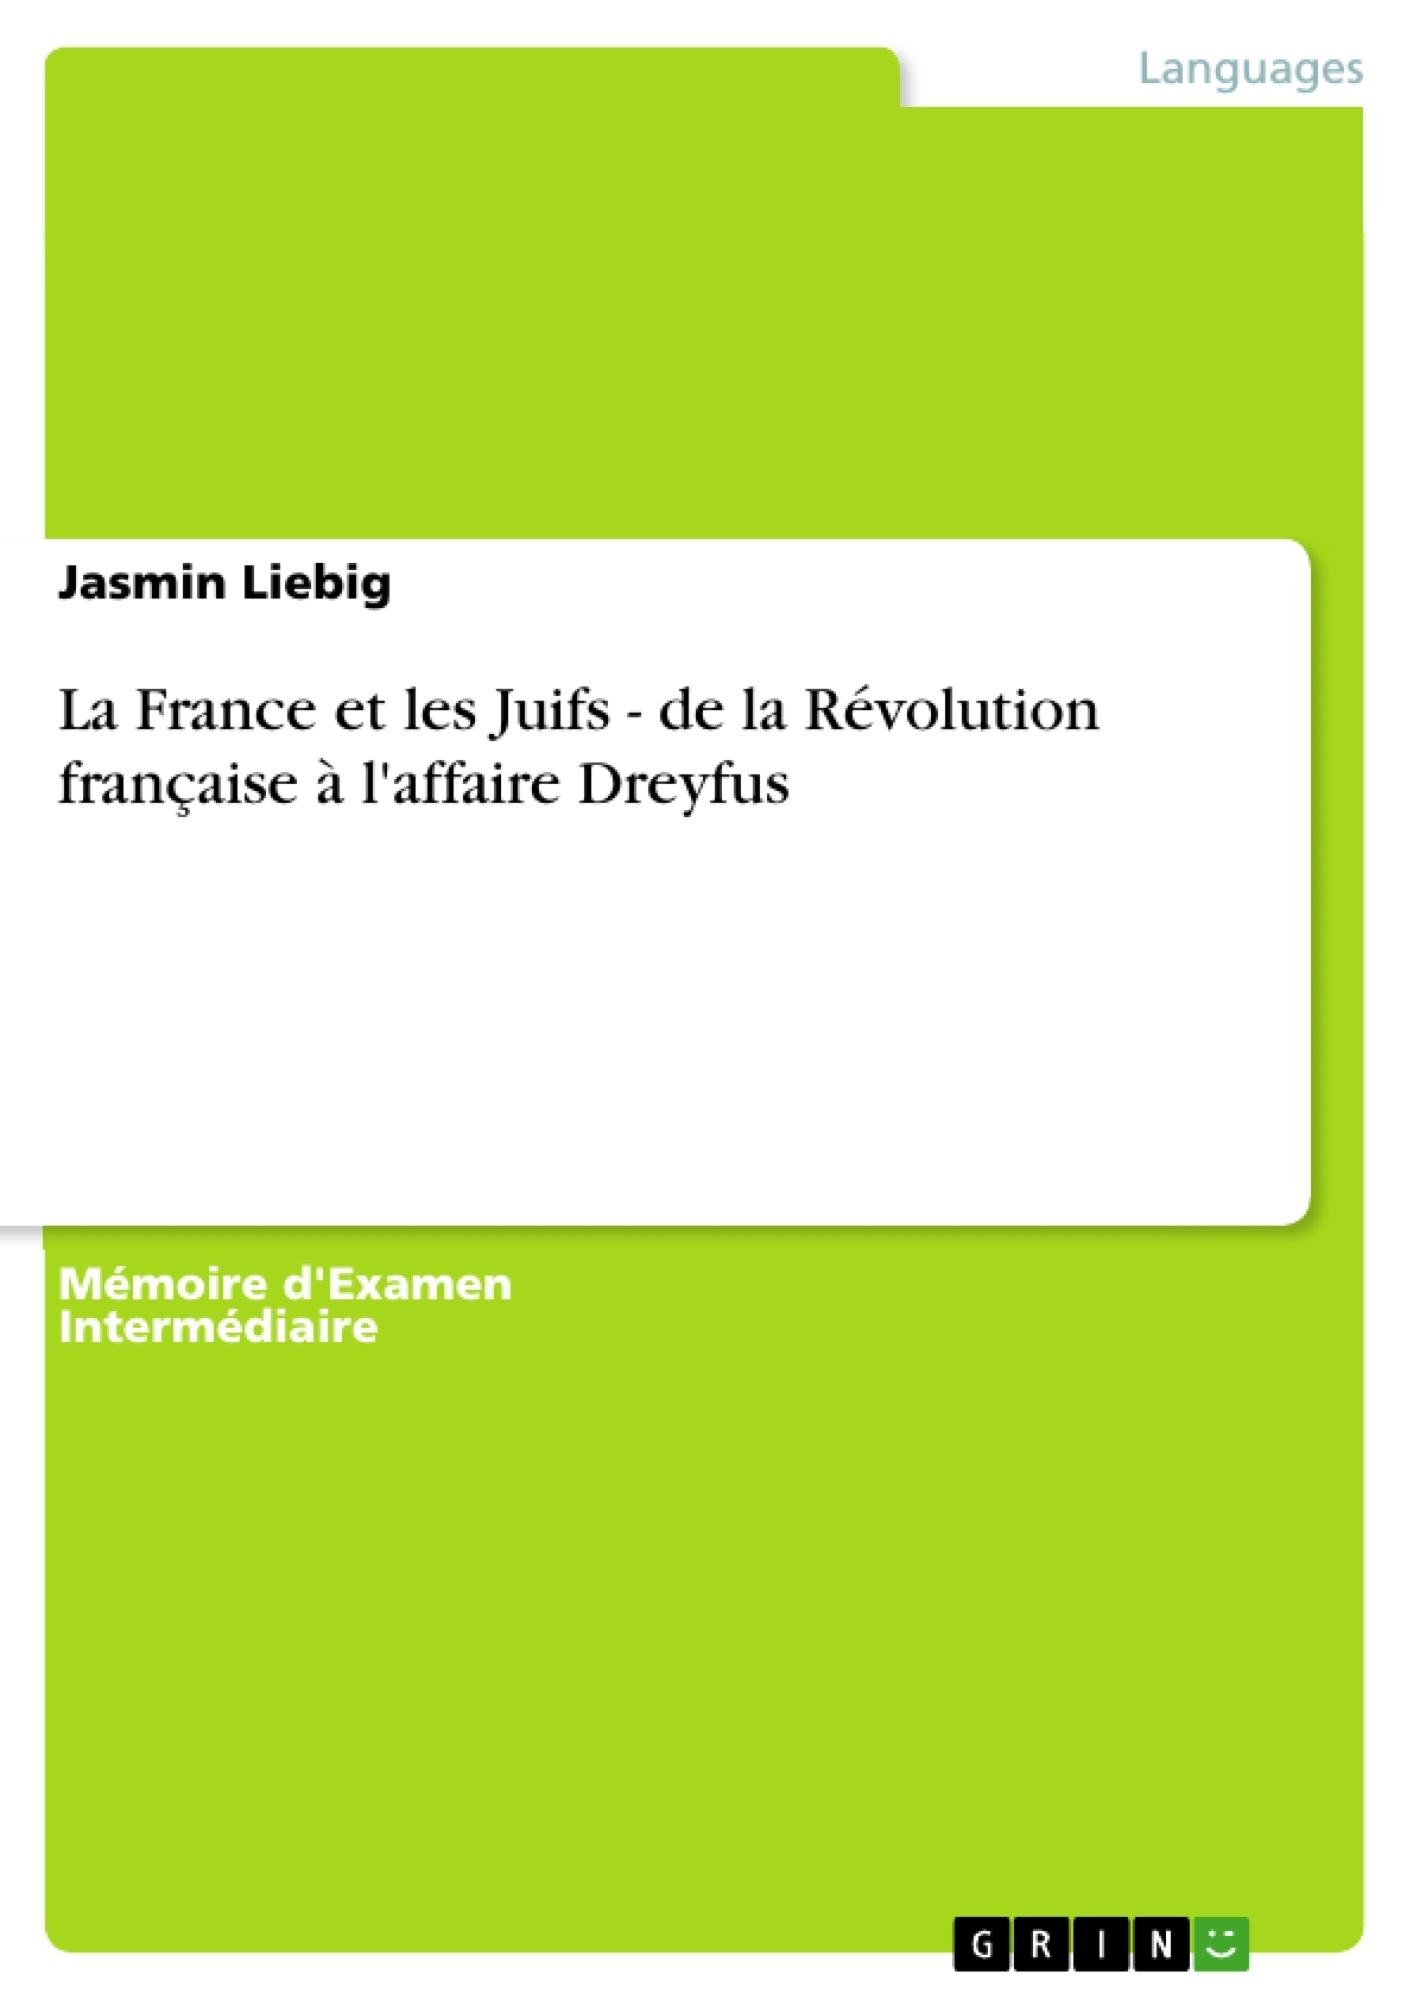 Titre: La France et les Juifs - de la Révolution française à l'affaire Dreyfus